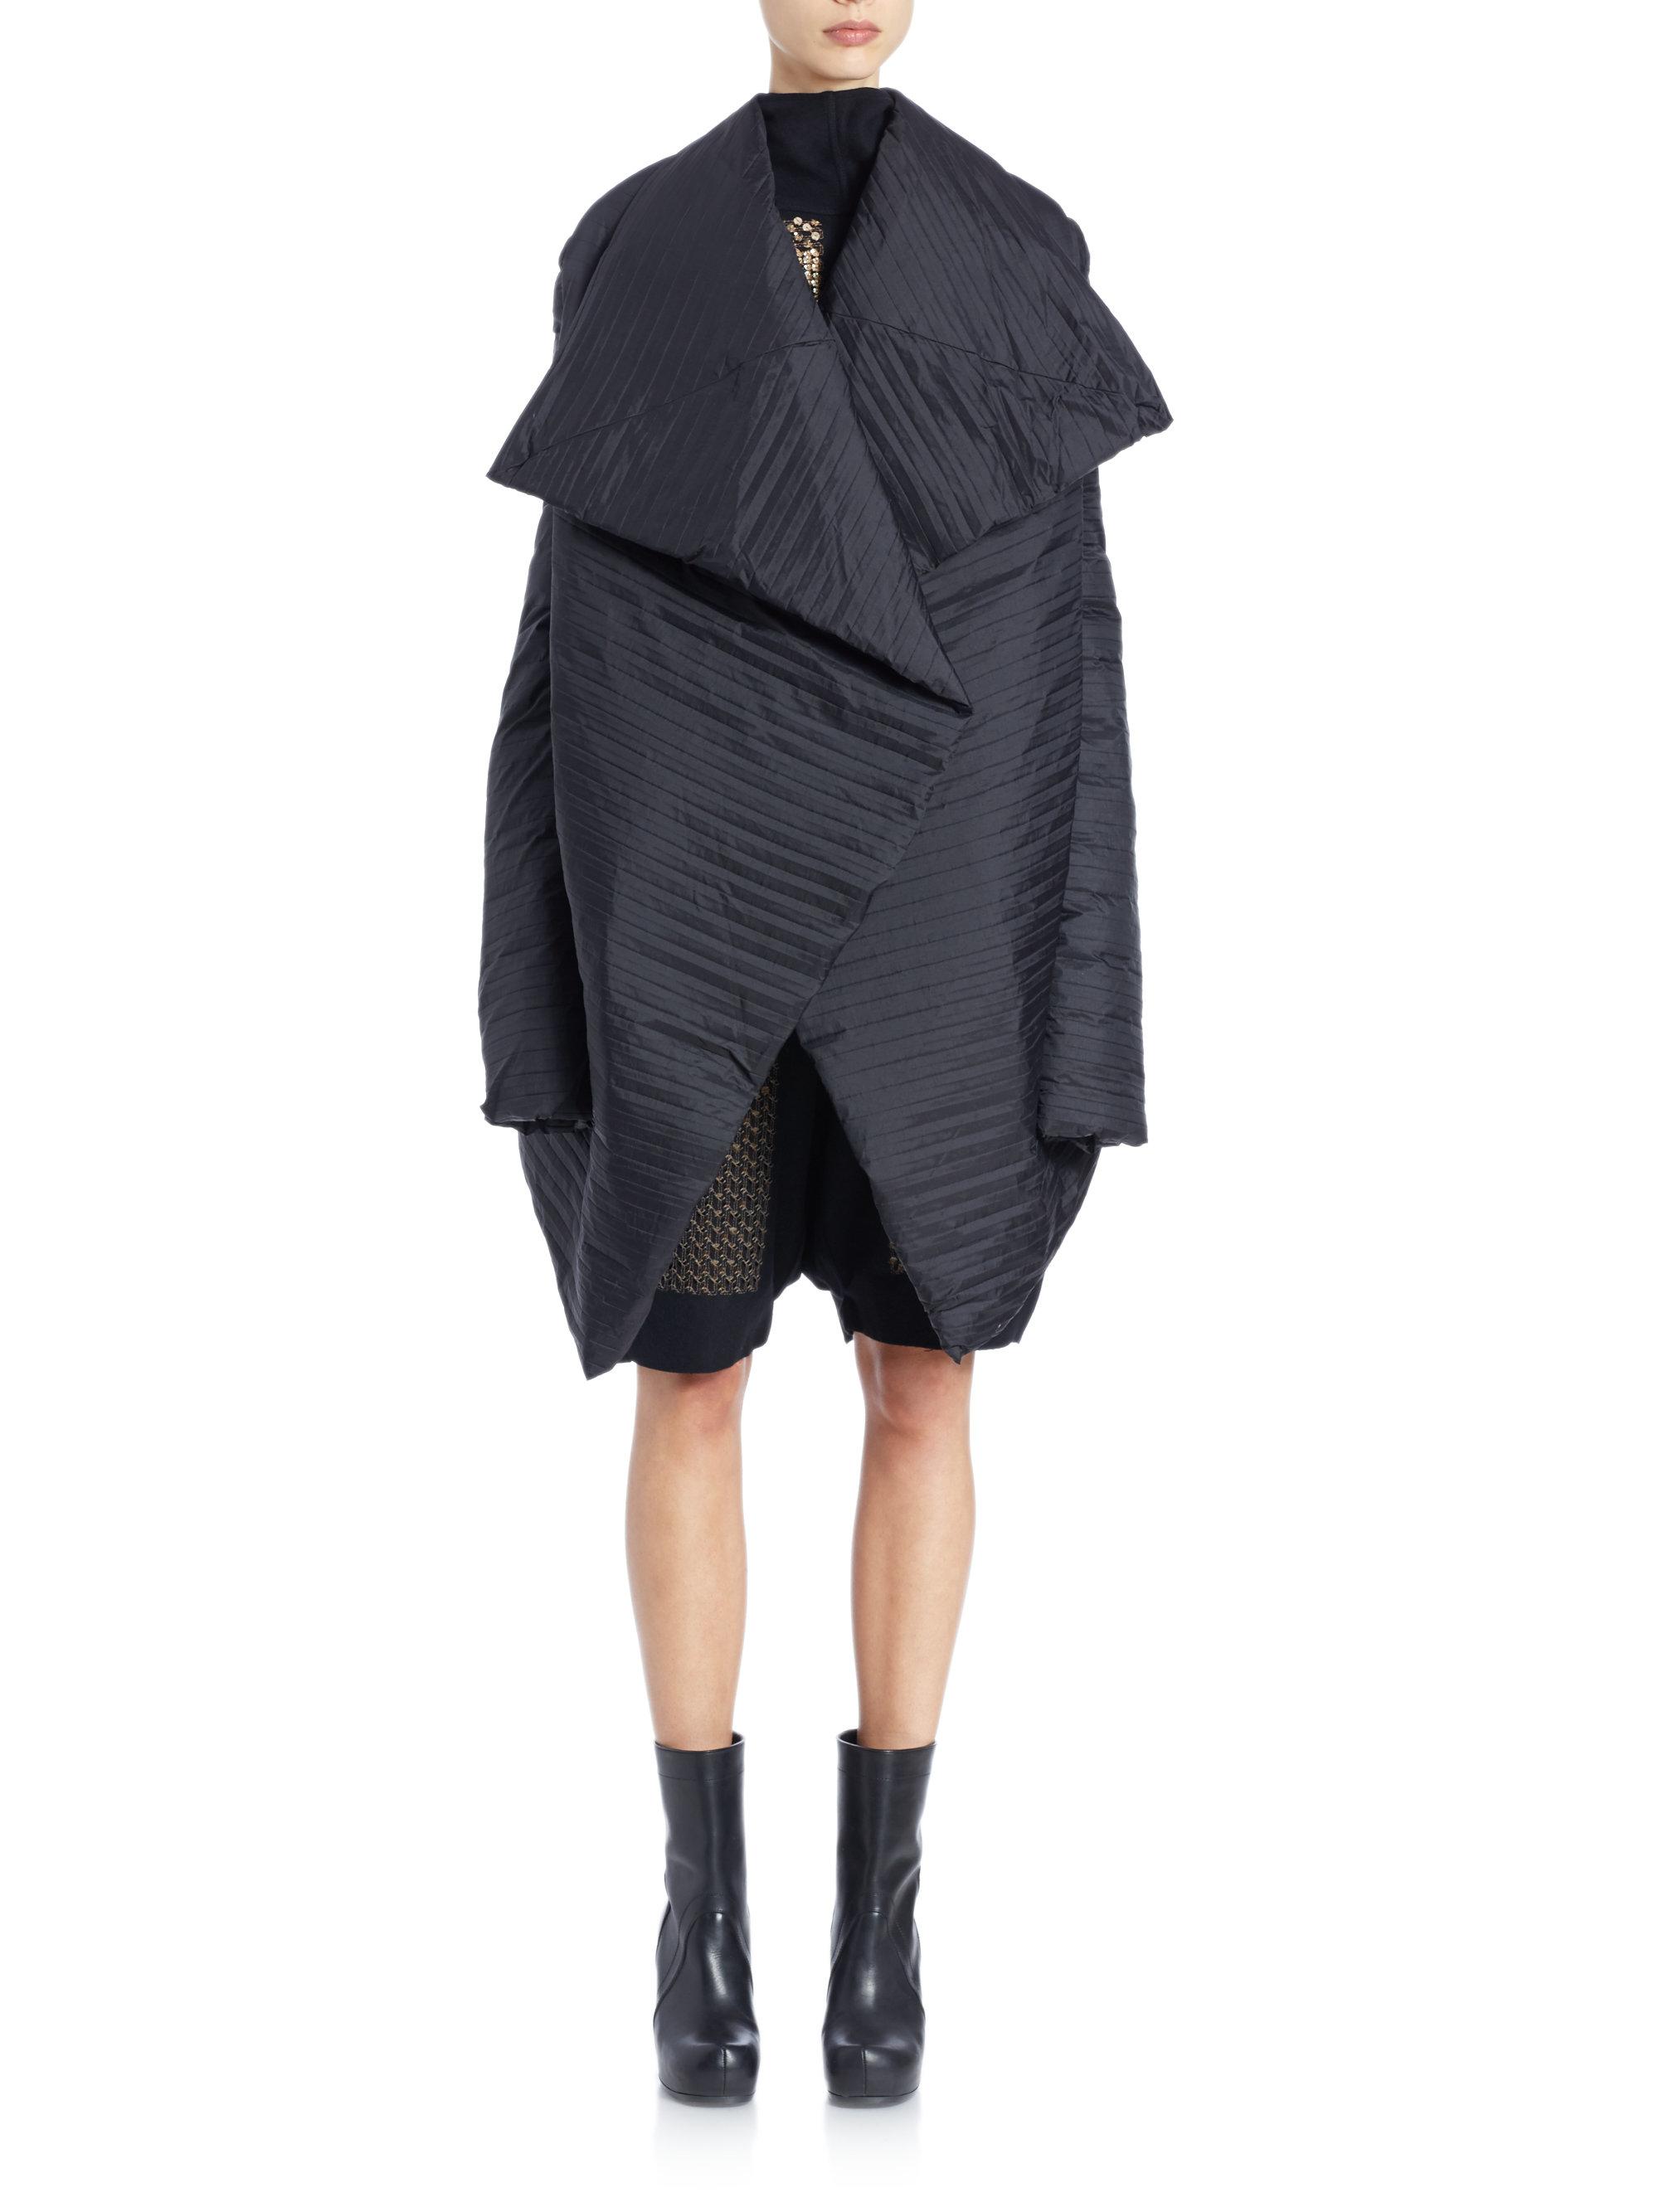 Rick Owens oversized jacket Outlet Footlocker Pictures Sale Limited Edition Sast Sale Online p2ktlPK